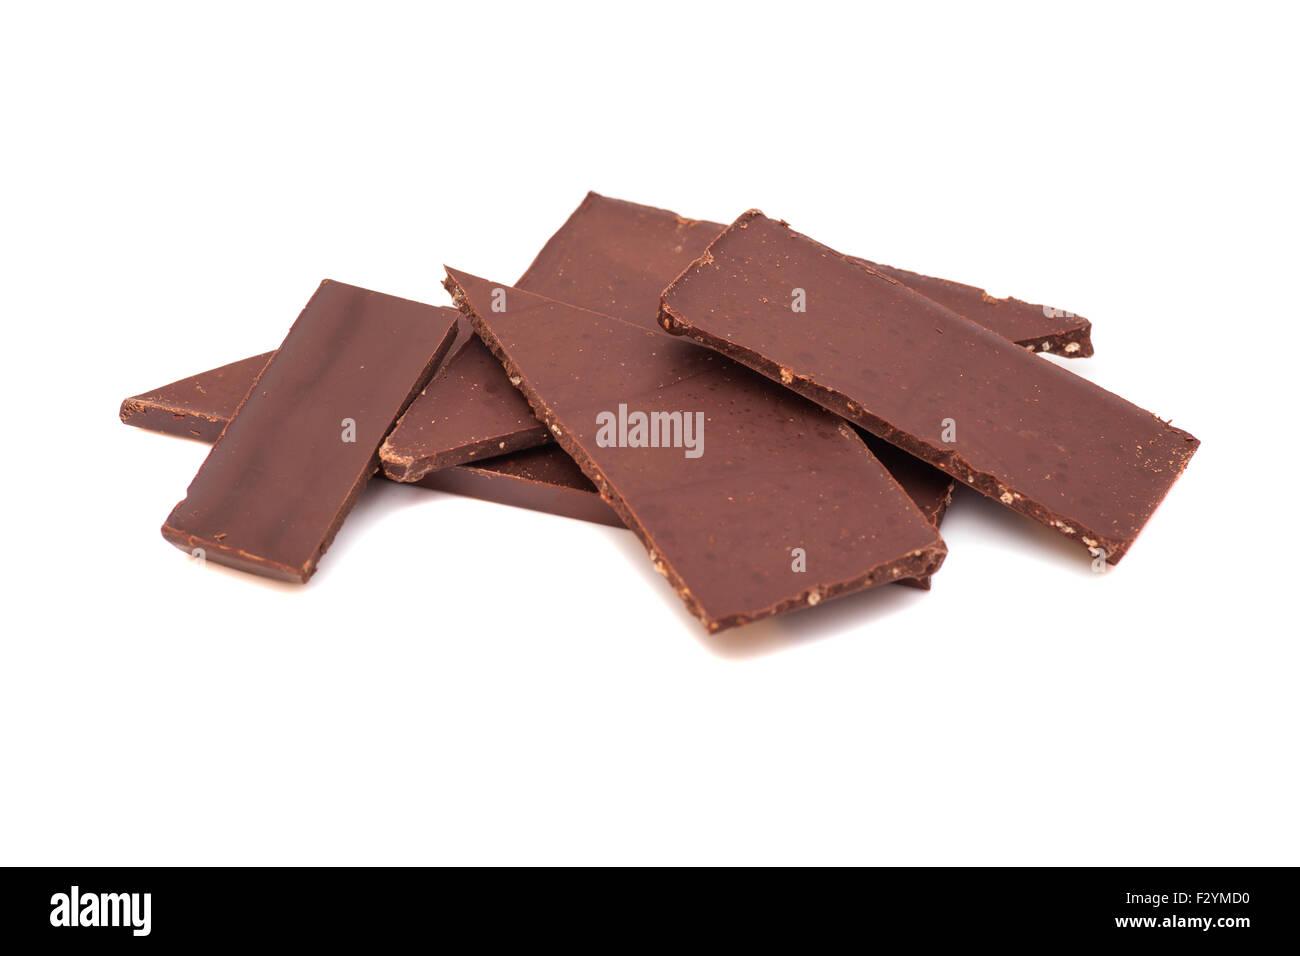 gebrochene schokolade auf einem wei en hintergrund stockfoto bild 87889900 alamy. Black Bedroom Furniture Sets. Home Design Ideas